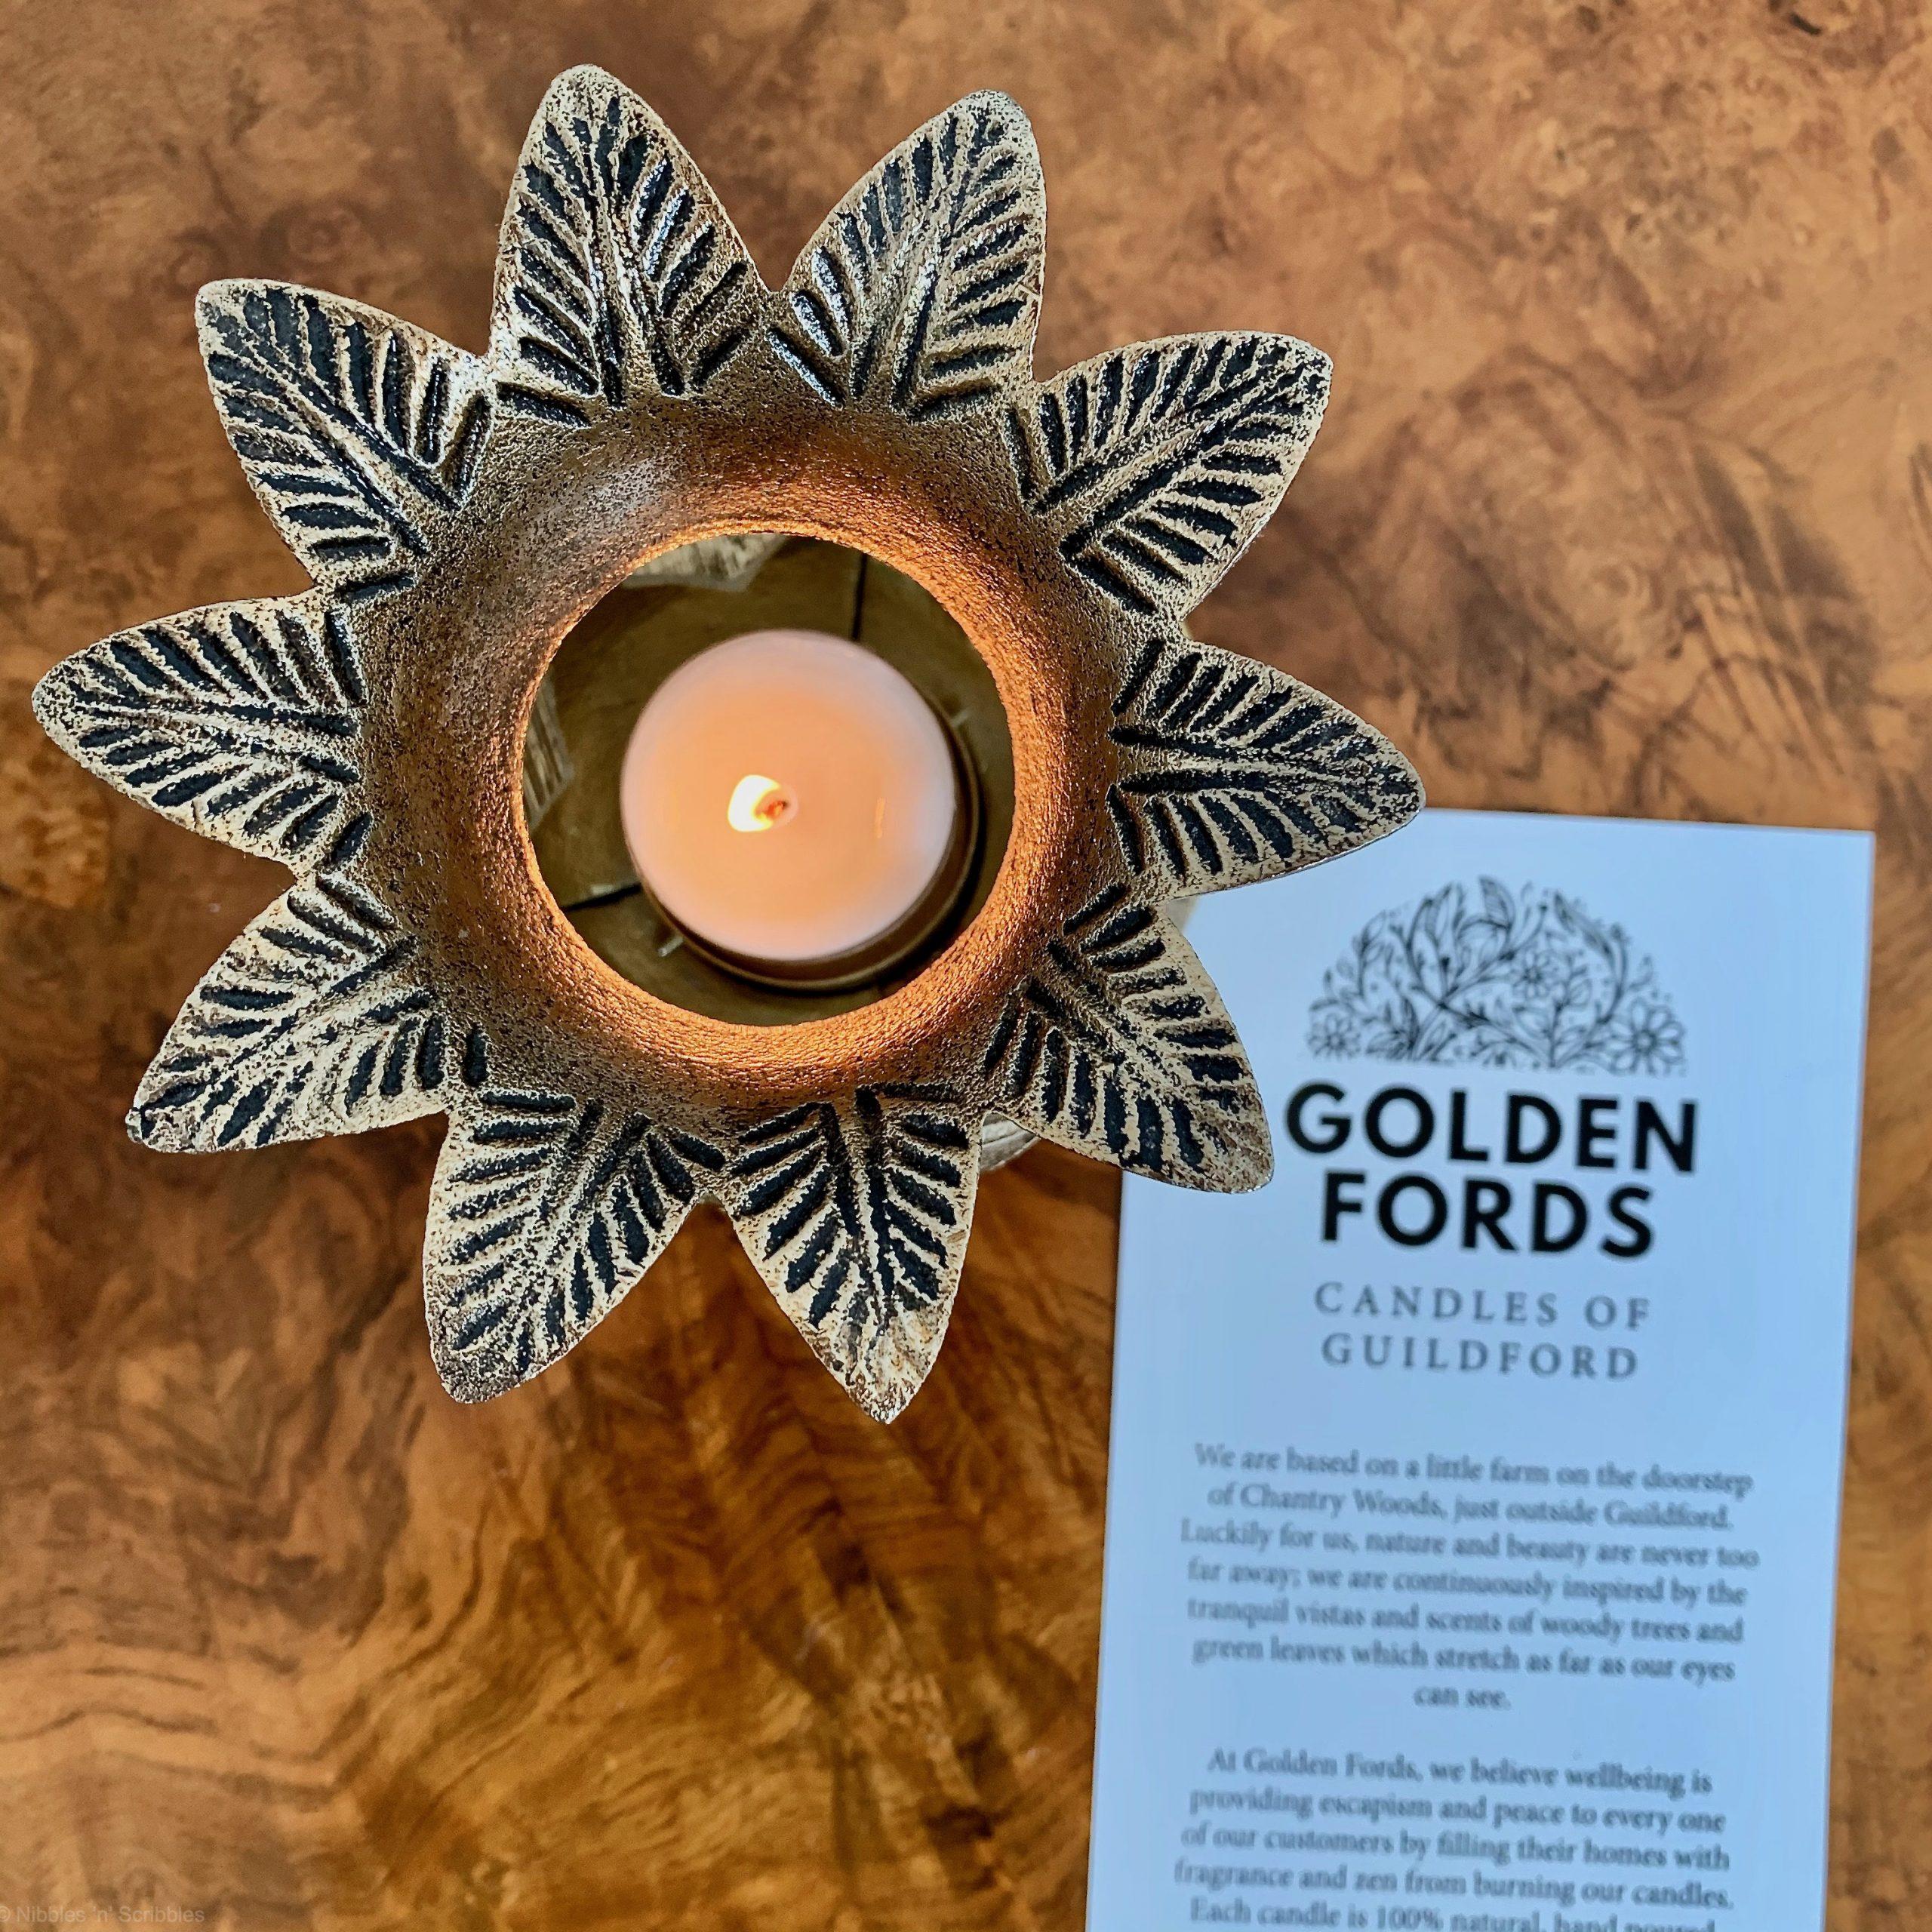 Golden Fords Candles of Guildford - Taster Pack